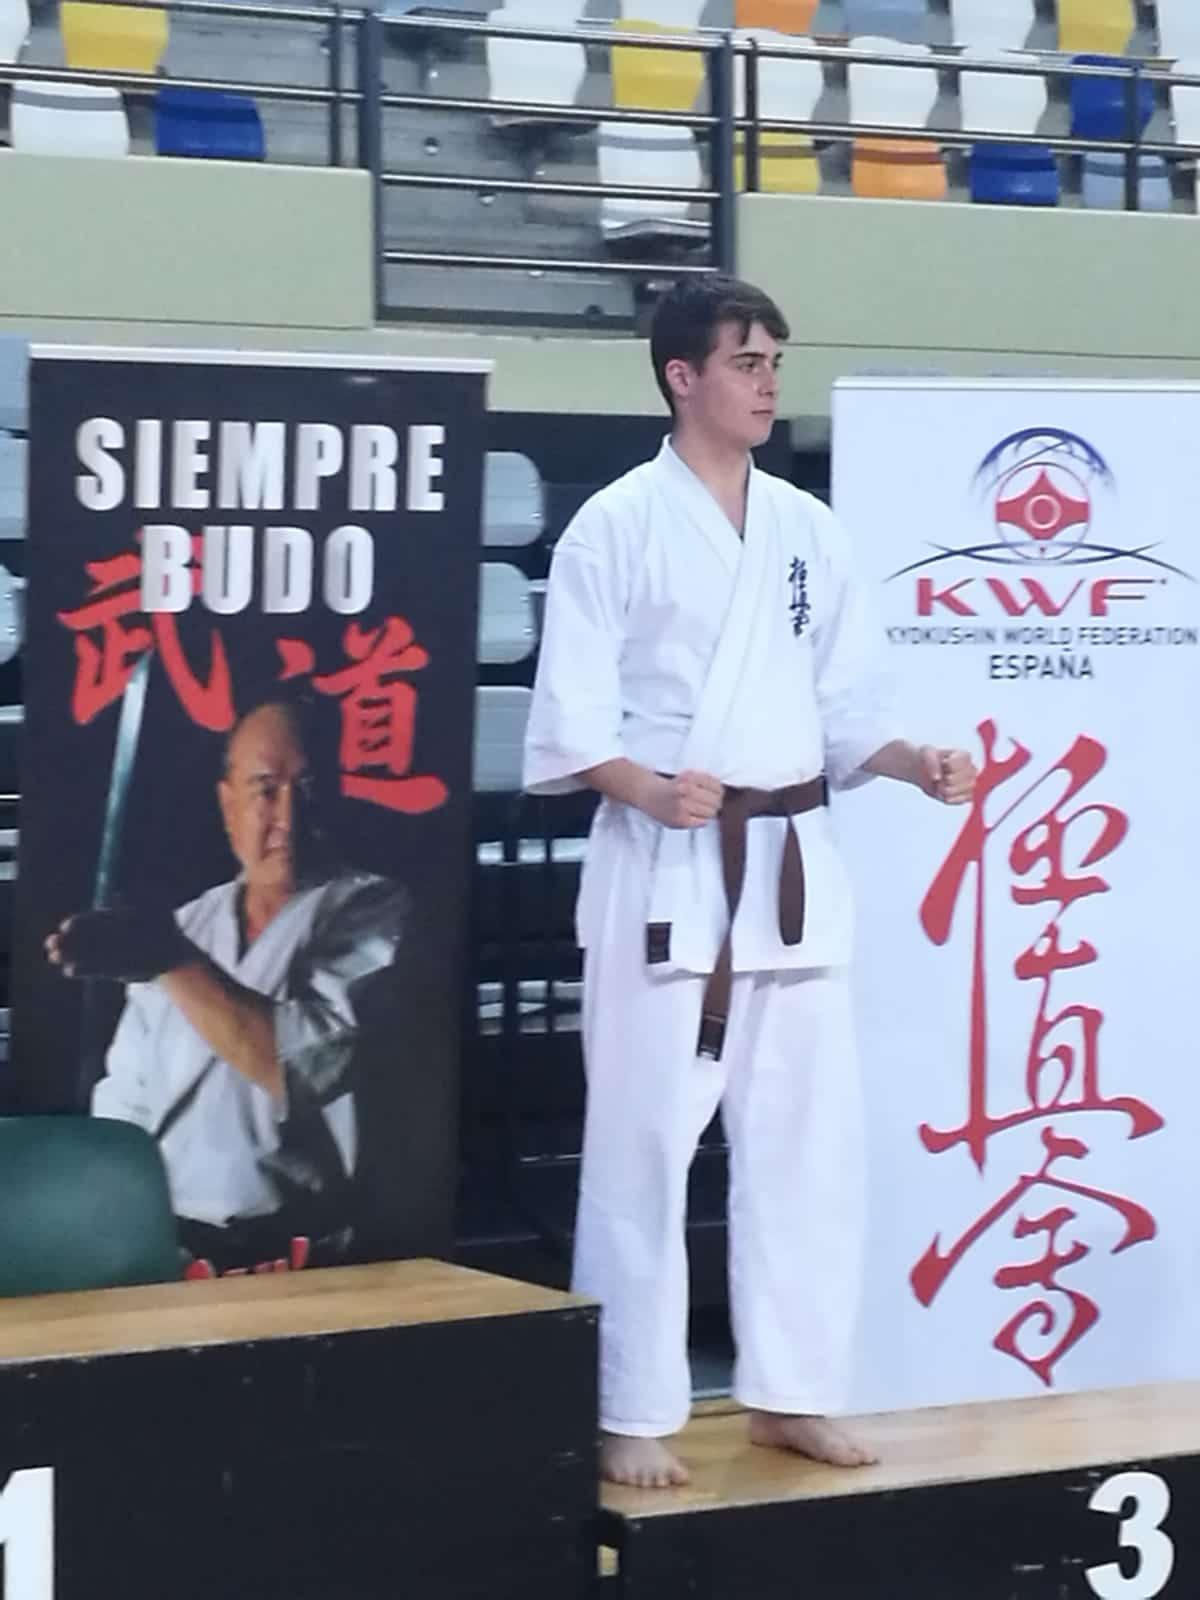 Adrián Para e Iván Olarte suben al podio en el Campeonato de España de Kyokushin 2